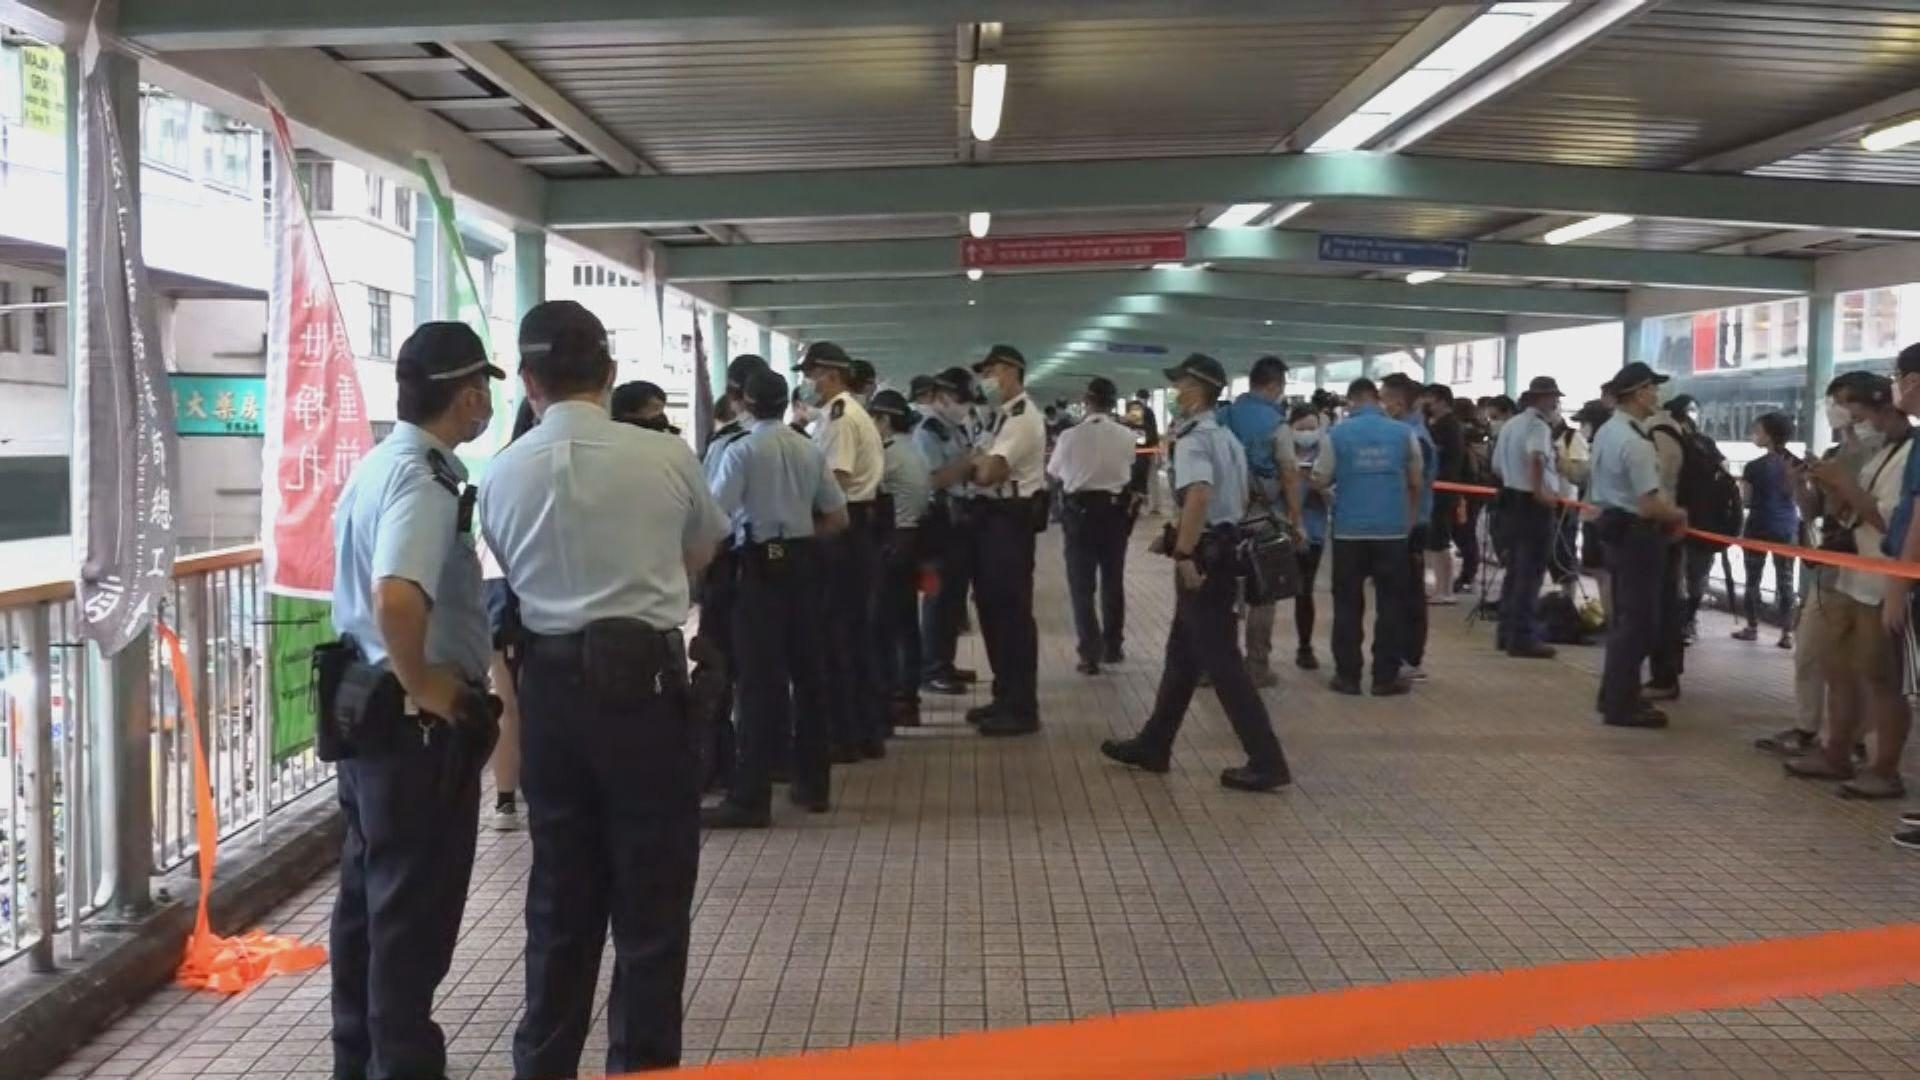 警方譴責旺角黑衣人用雜物堵路